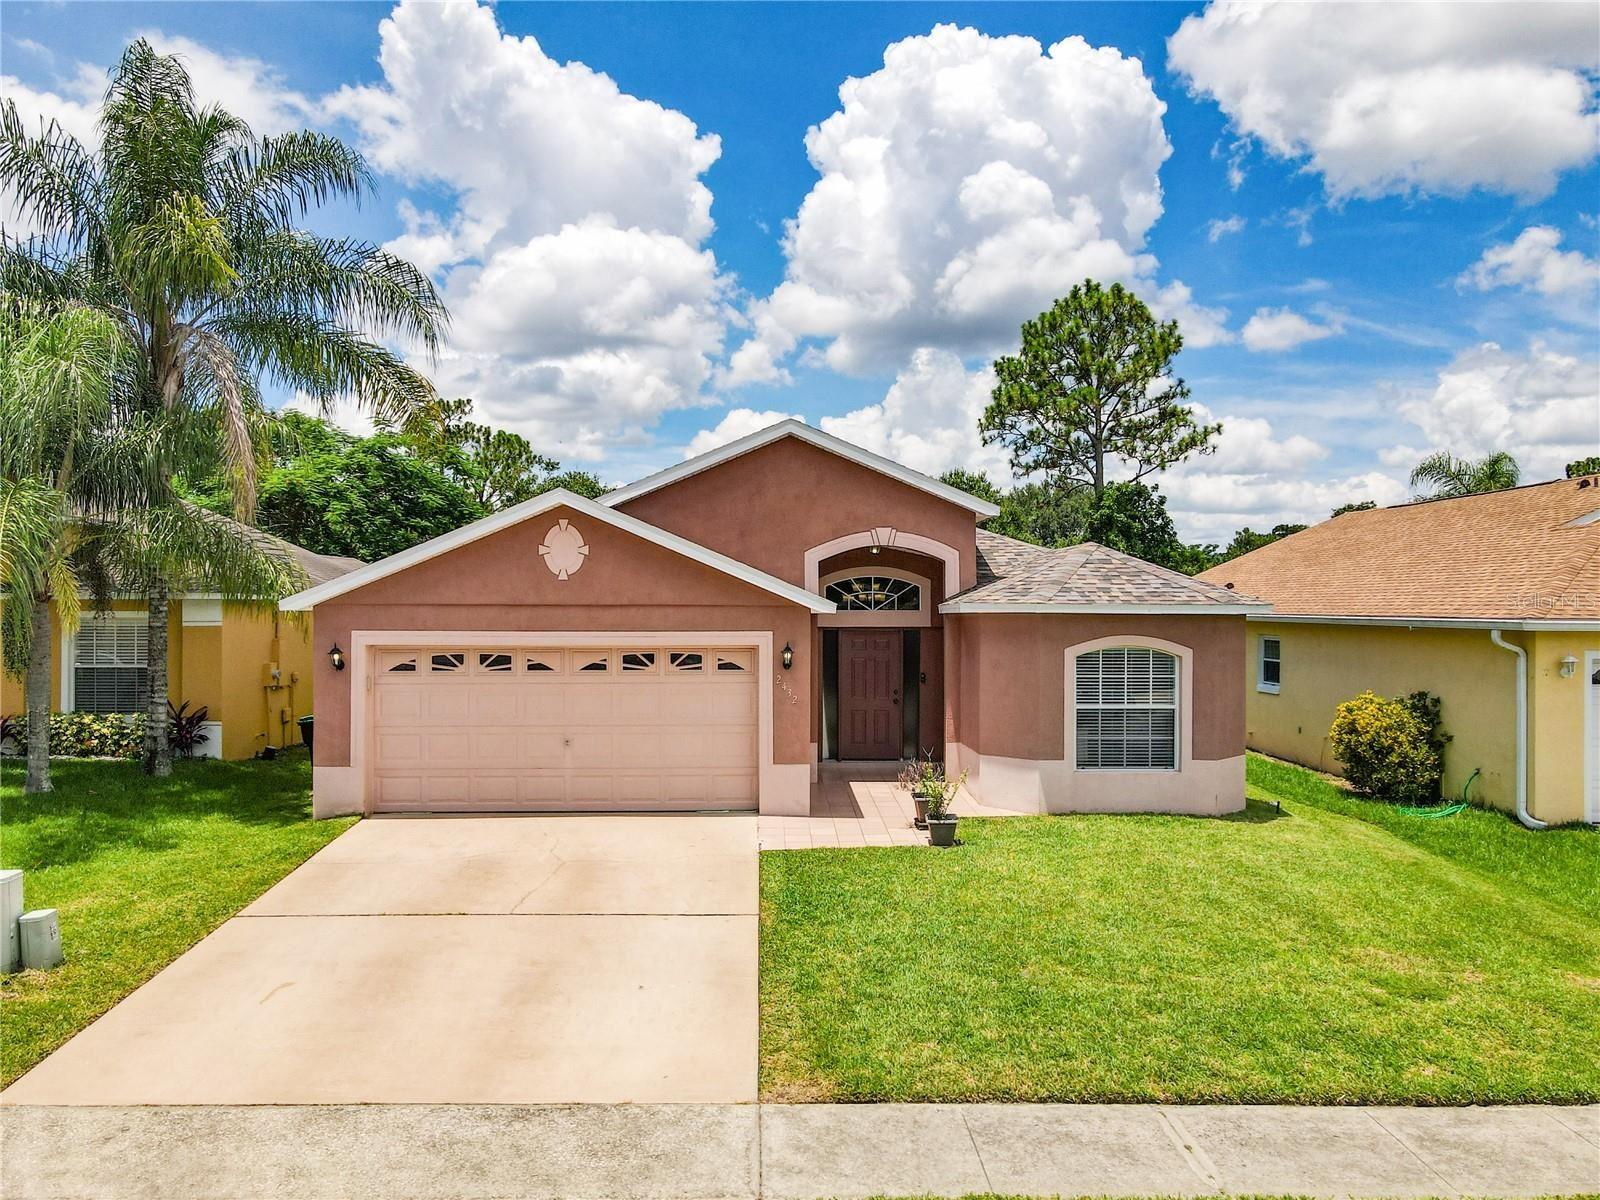 2432 HICKORY OAK BOULEVARD, Orlando, FL 32817 - #: O5973505